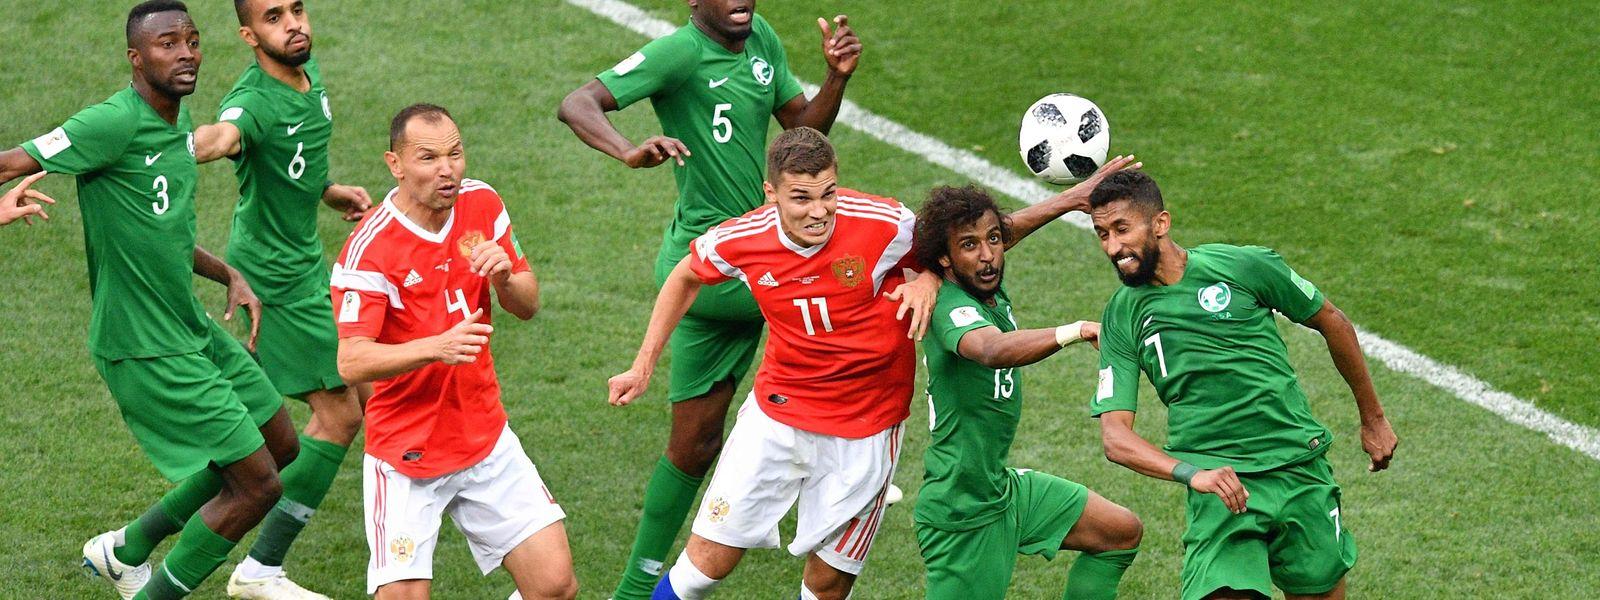 A Rússia goleou a Arábia Saudita (5-0) no arranque do Mundial2018